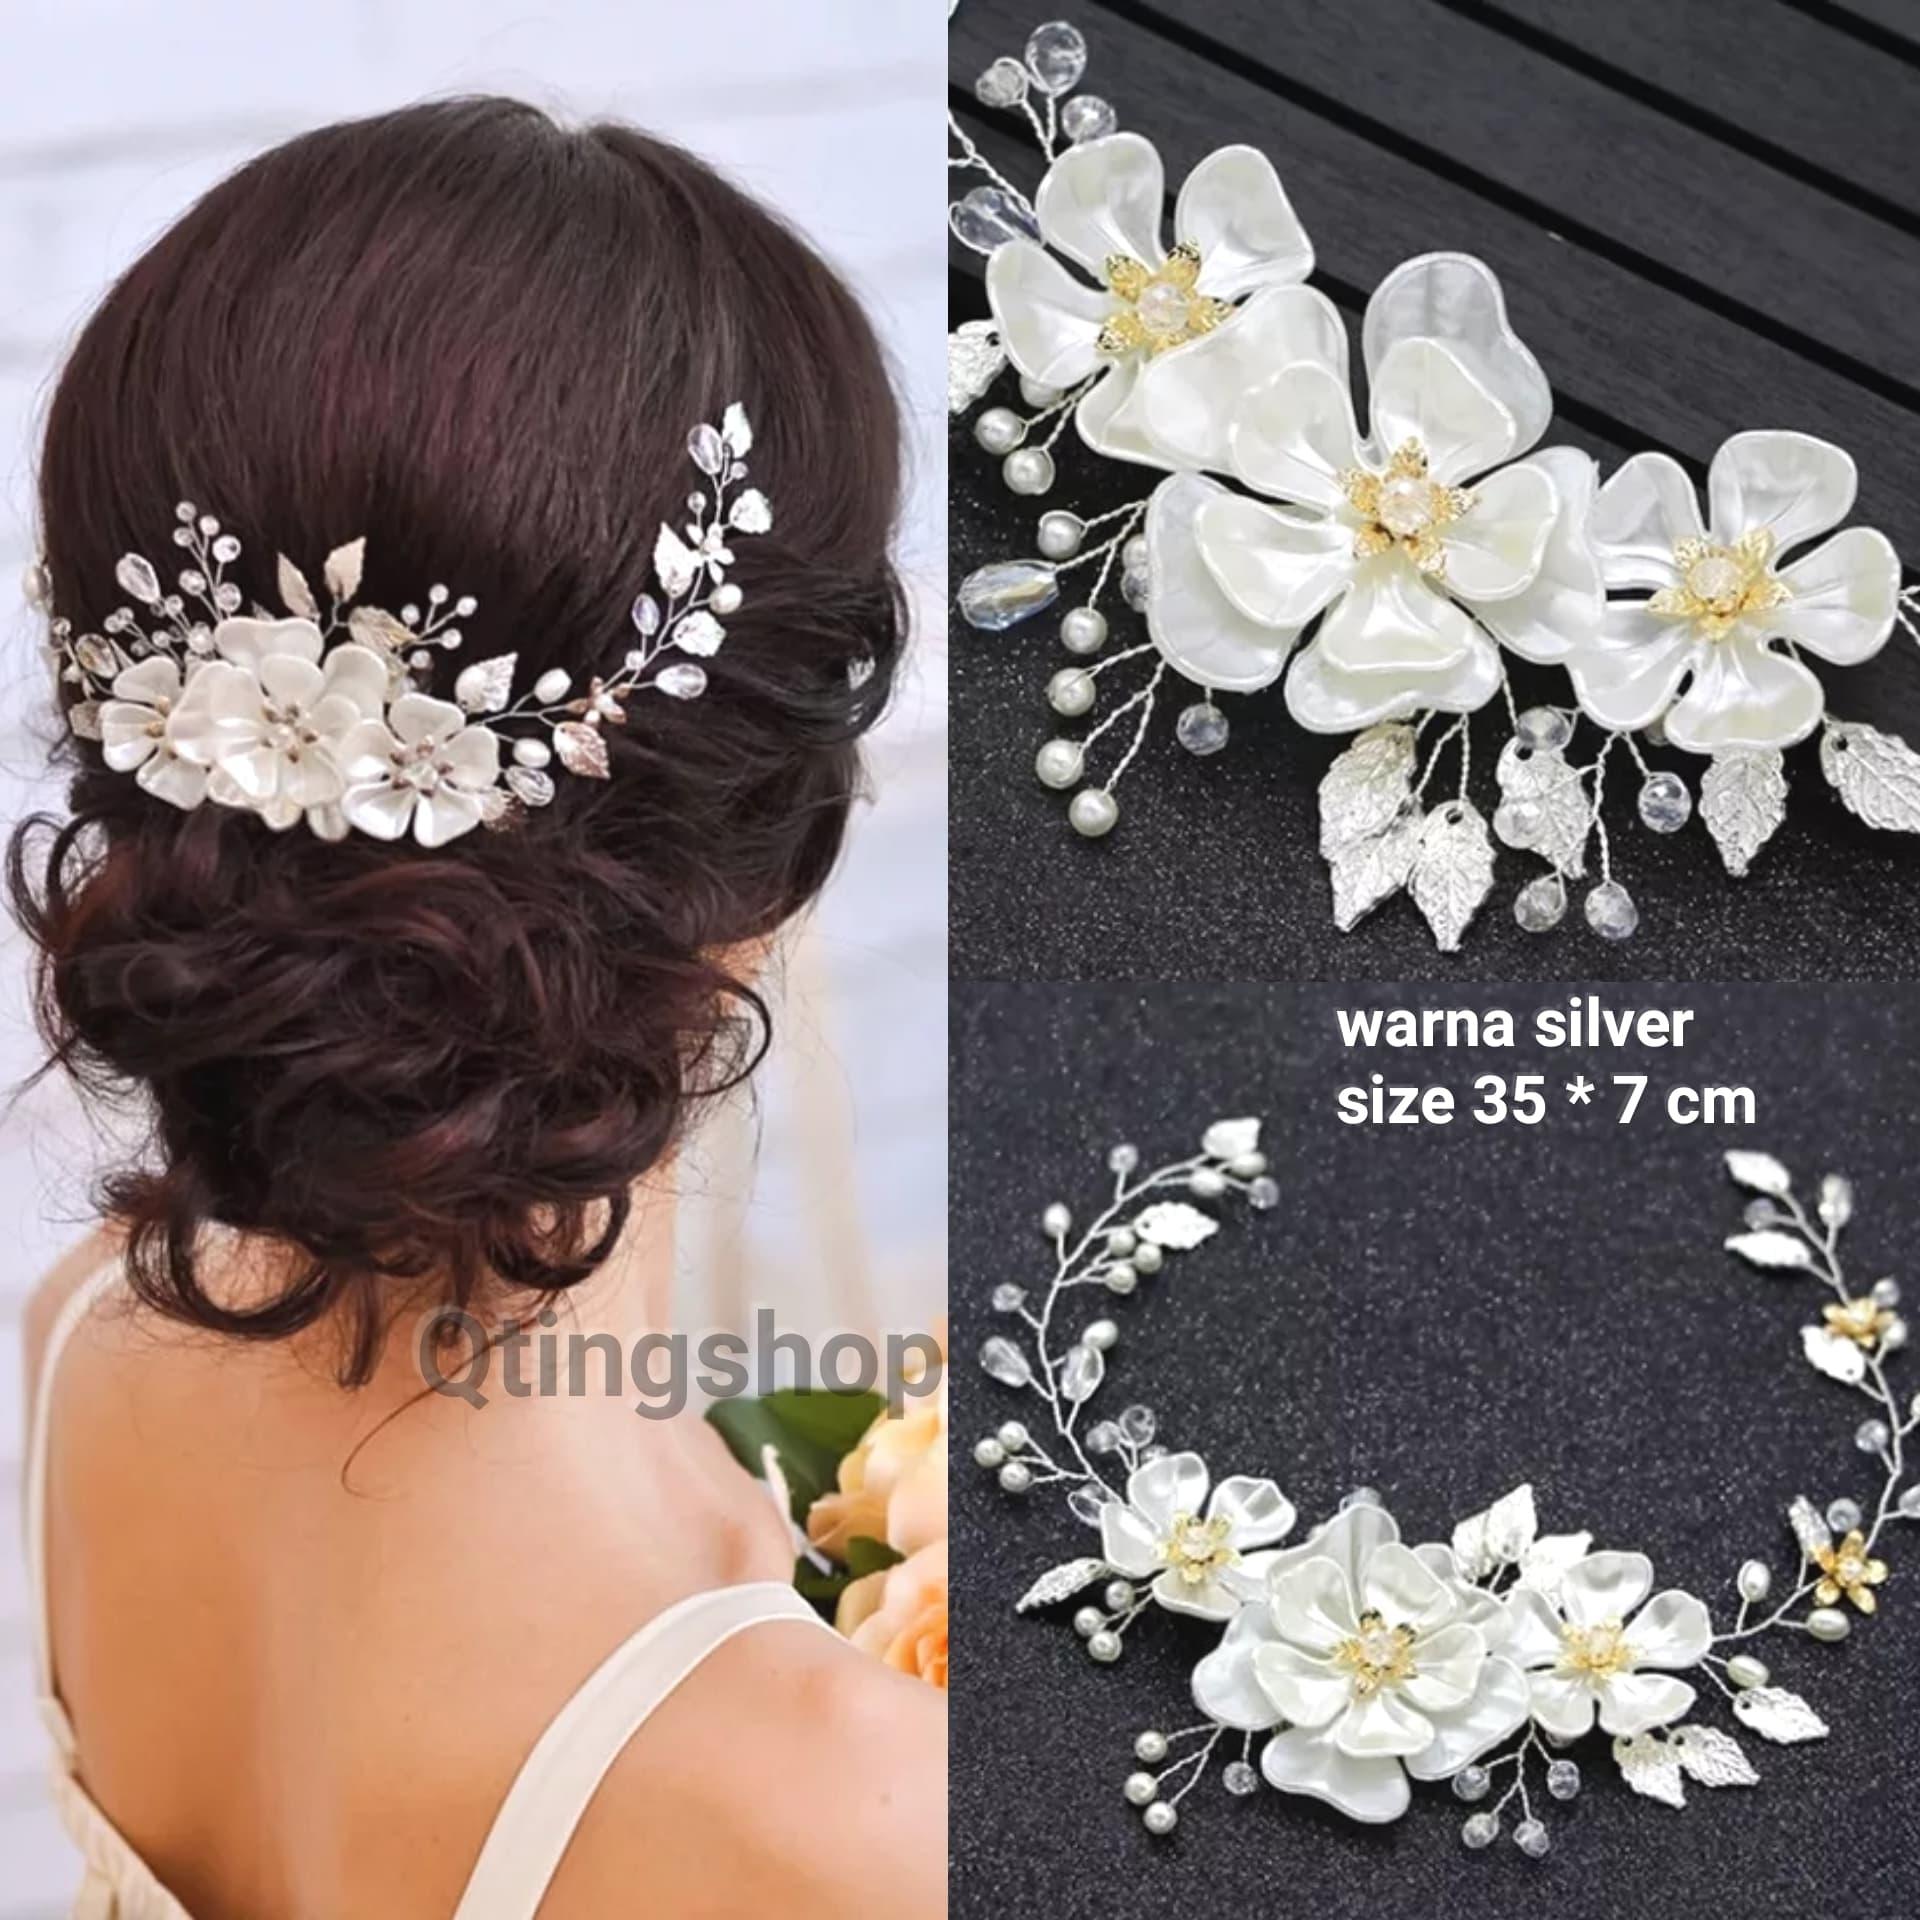 hairpiece bunga putih hiasan rambut pengantin aksesoris pesta thumbnail